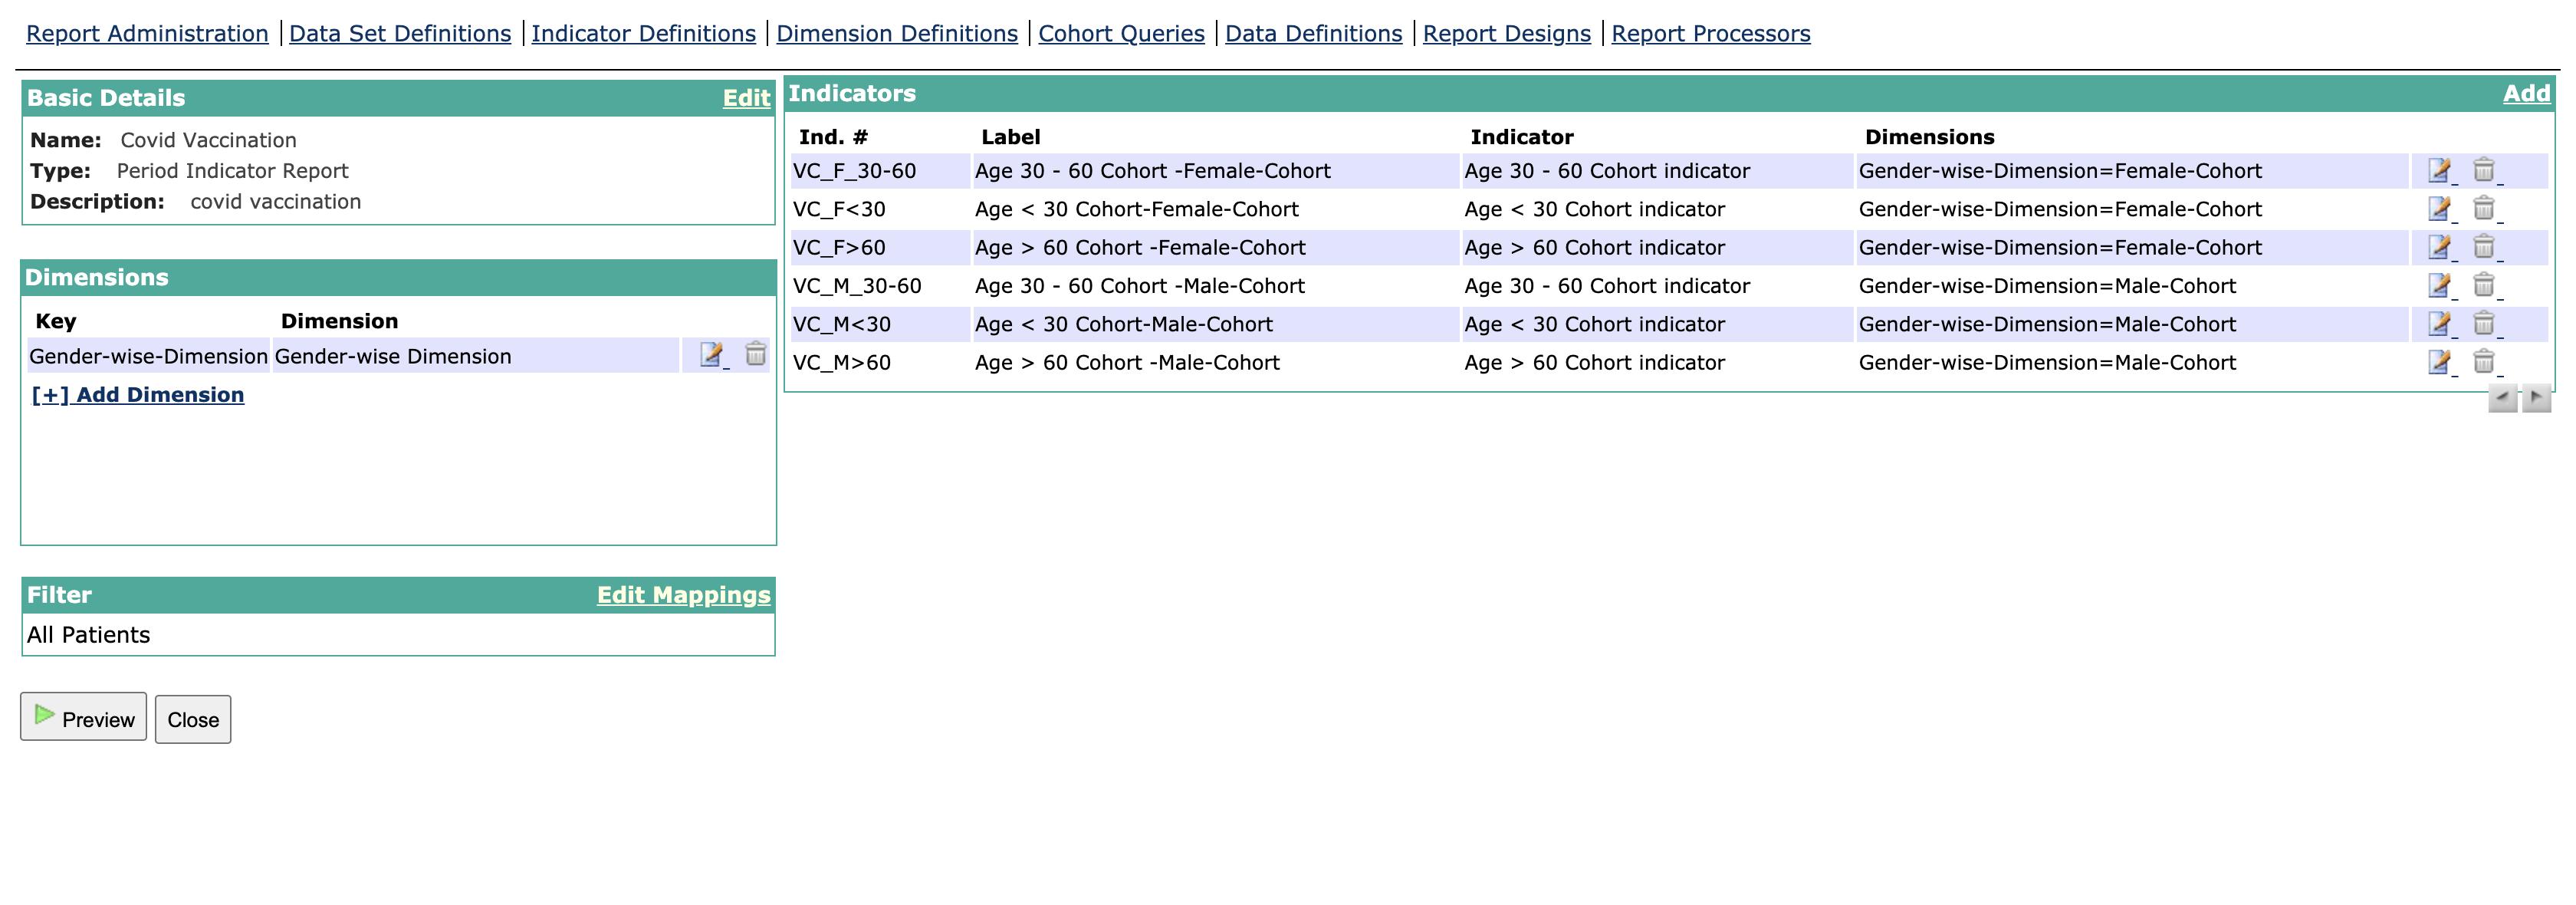 Screenshot 2021-06-07 at 13.07.21